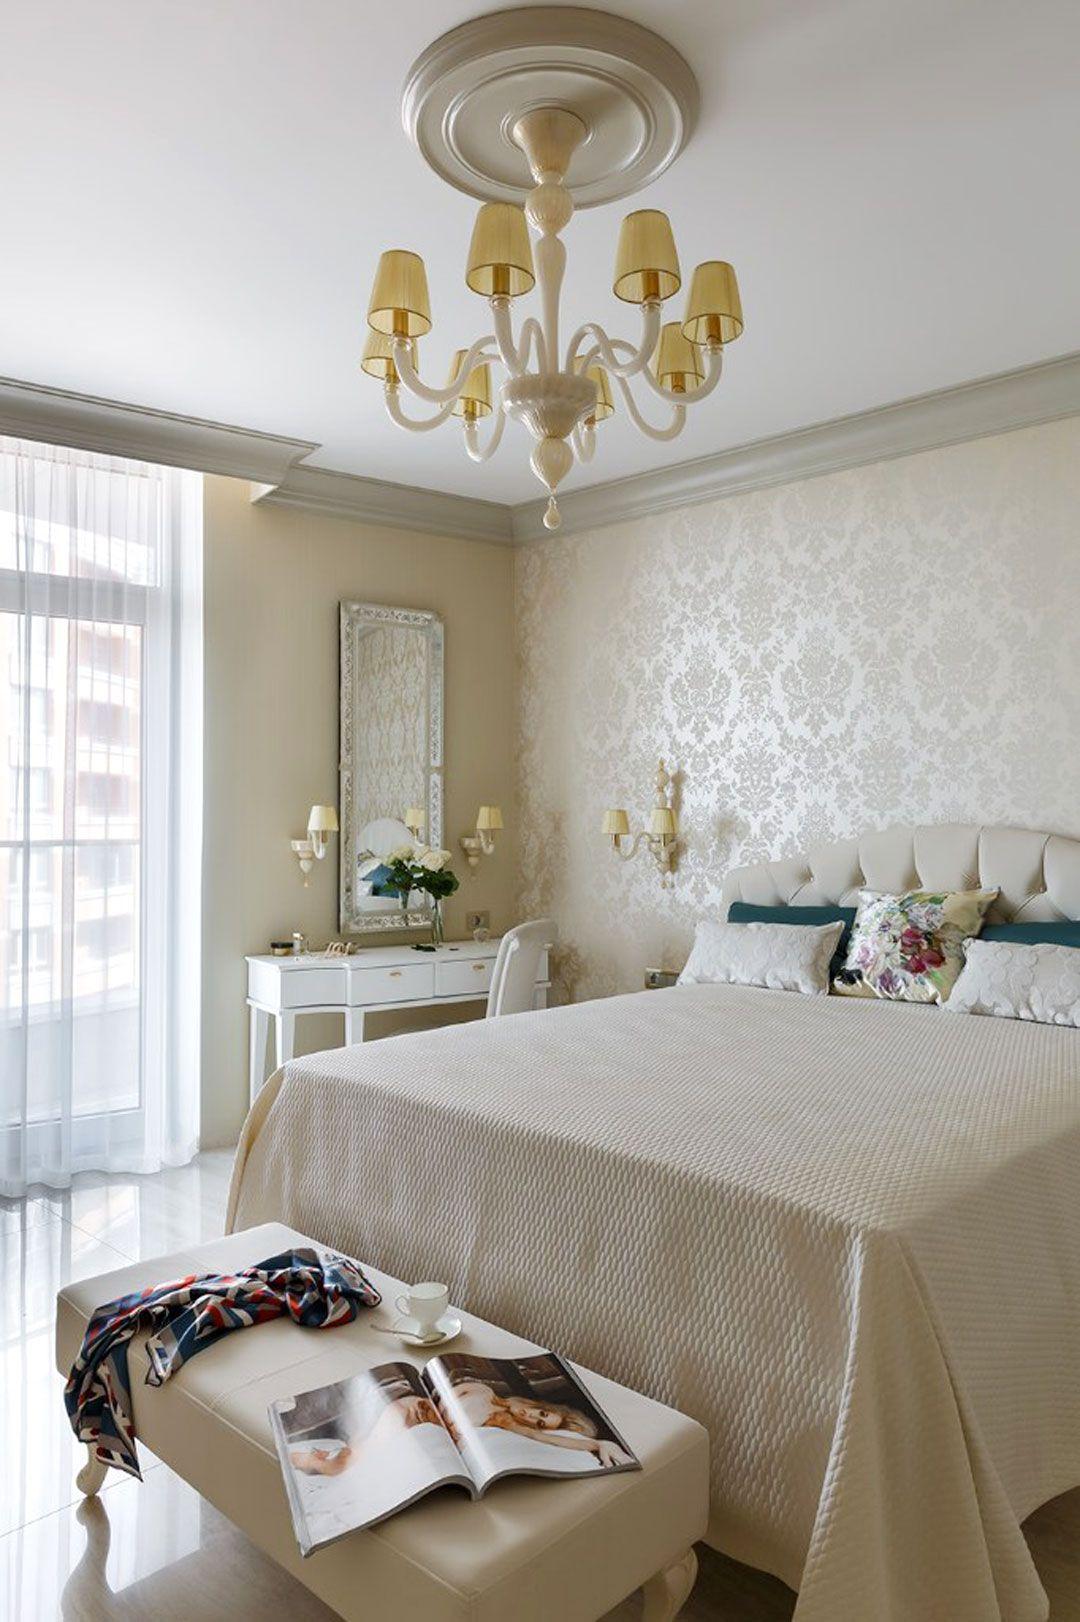 Lampadario per camera da letto in appartamento di design a S ...